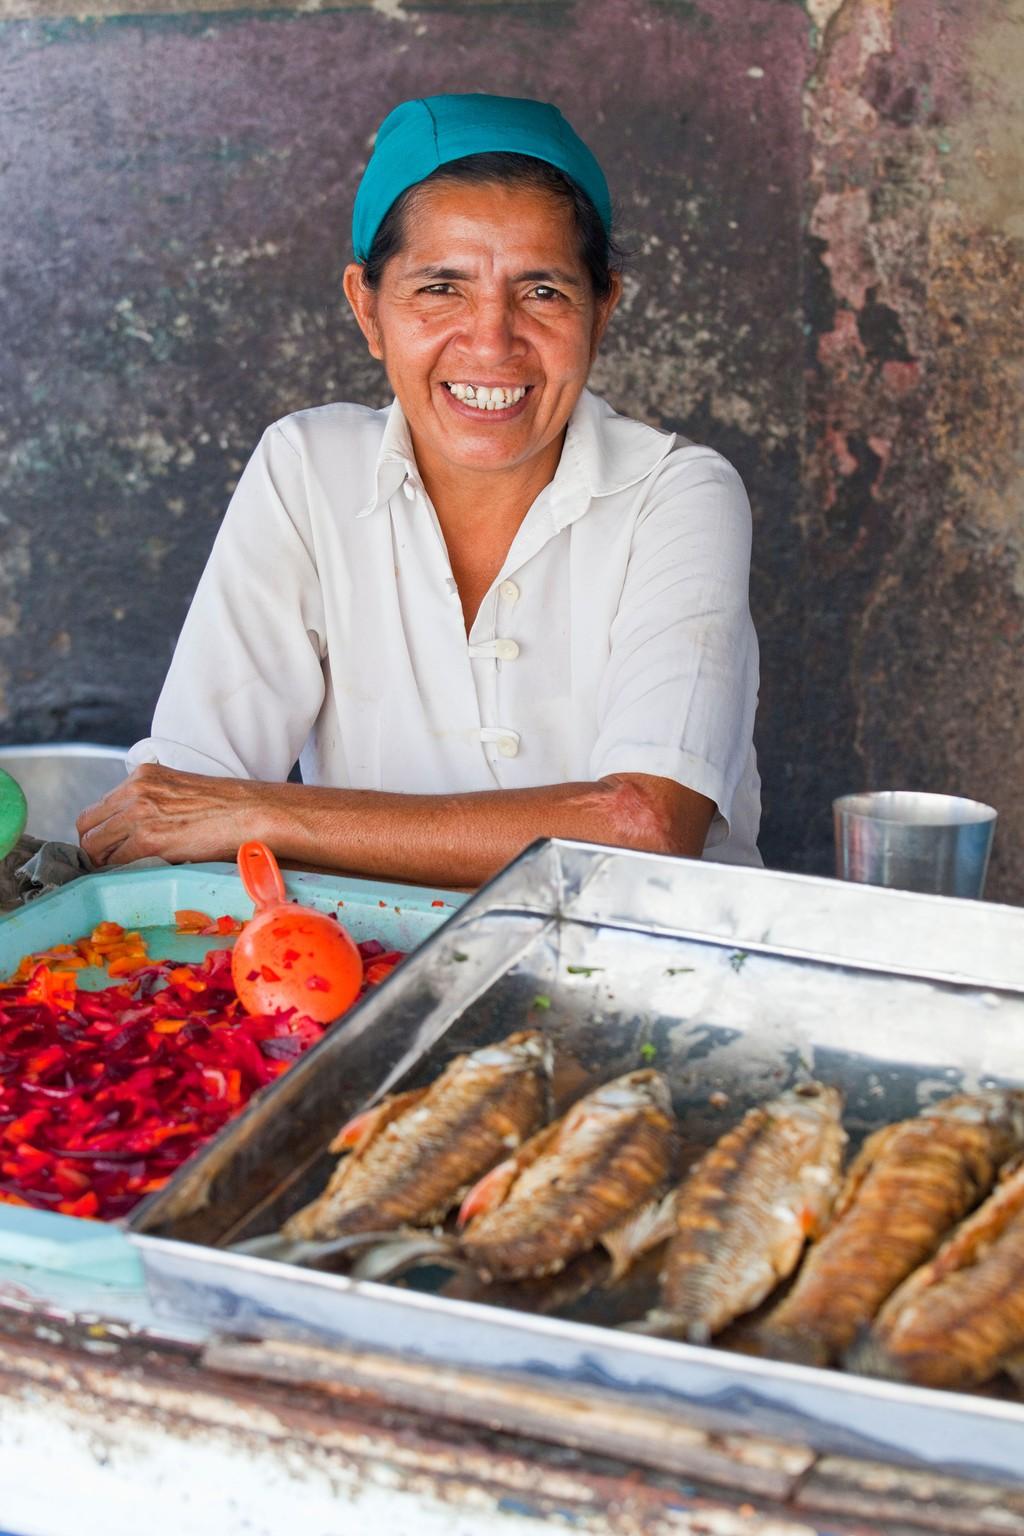 Fornecedores de alimentos, Barranquilla, Colômbia